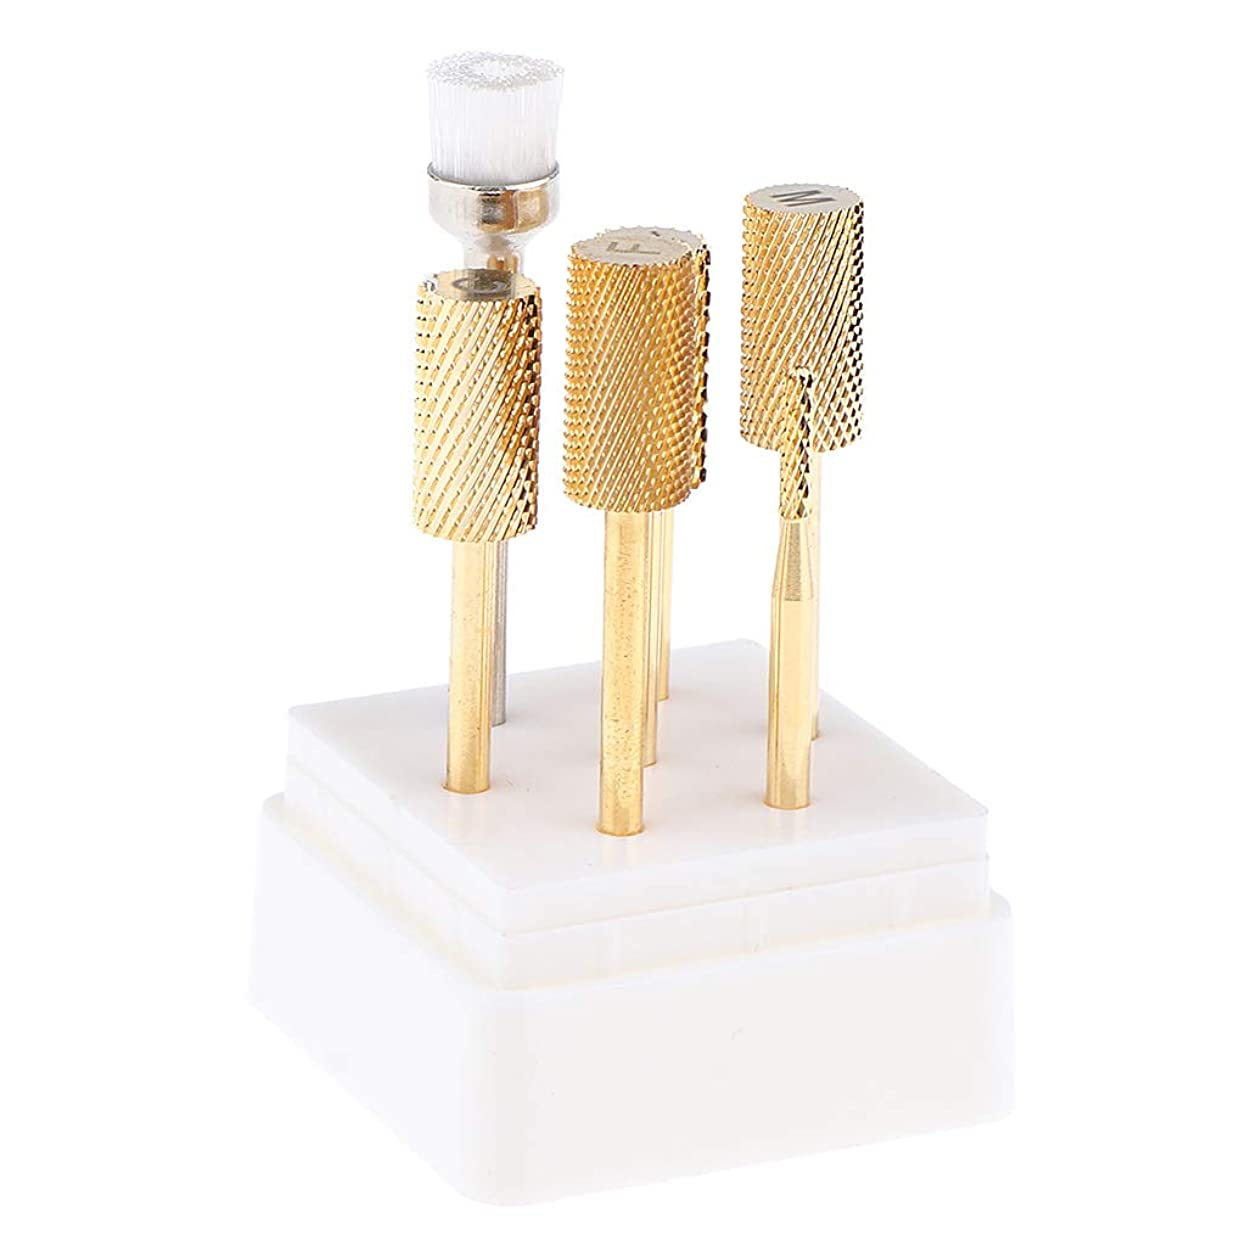 節約賞賛する純粋なB Blesiya 7点 ネイルドリルビット 電動ネイルマシン 耐久性 ネイル道具 ネイルサロン